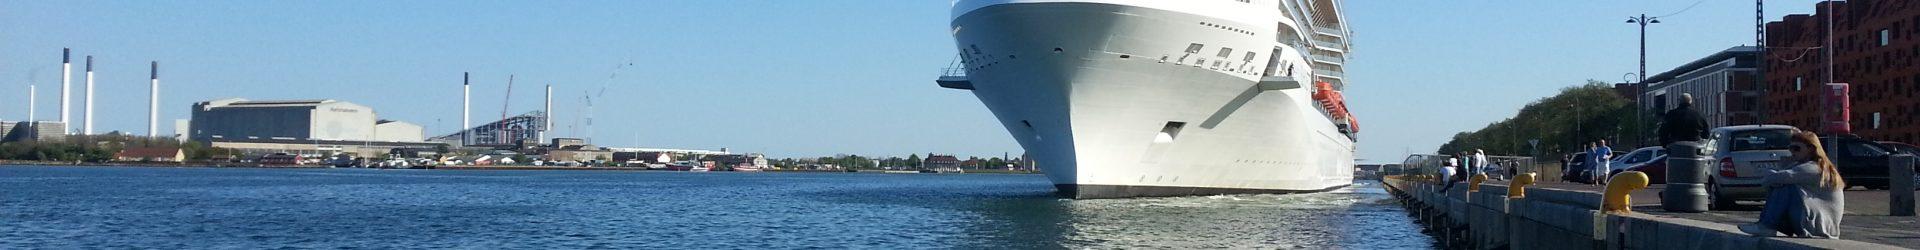 Celebrity Silhouette i København